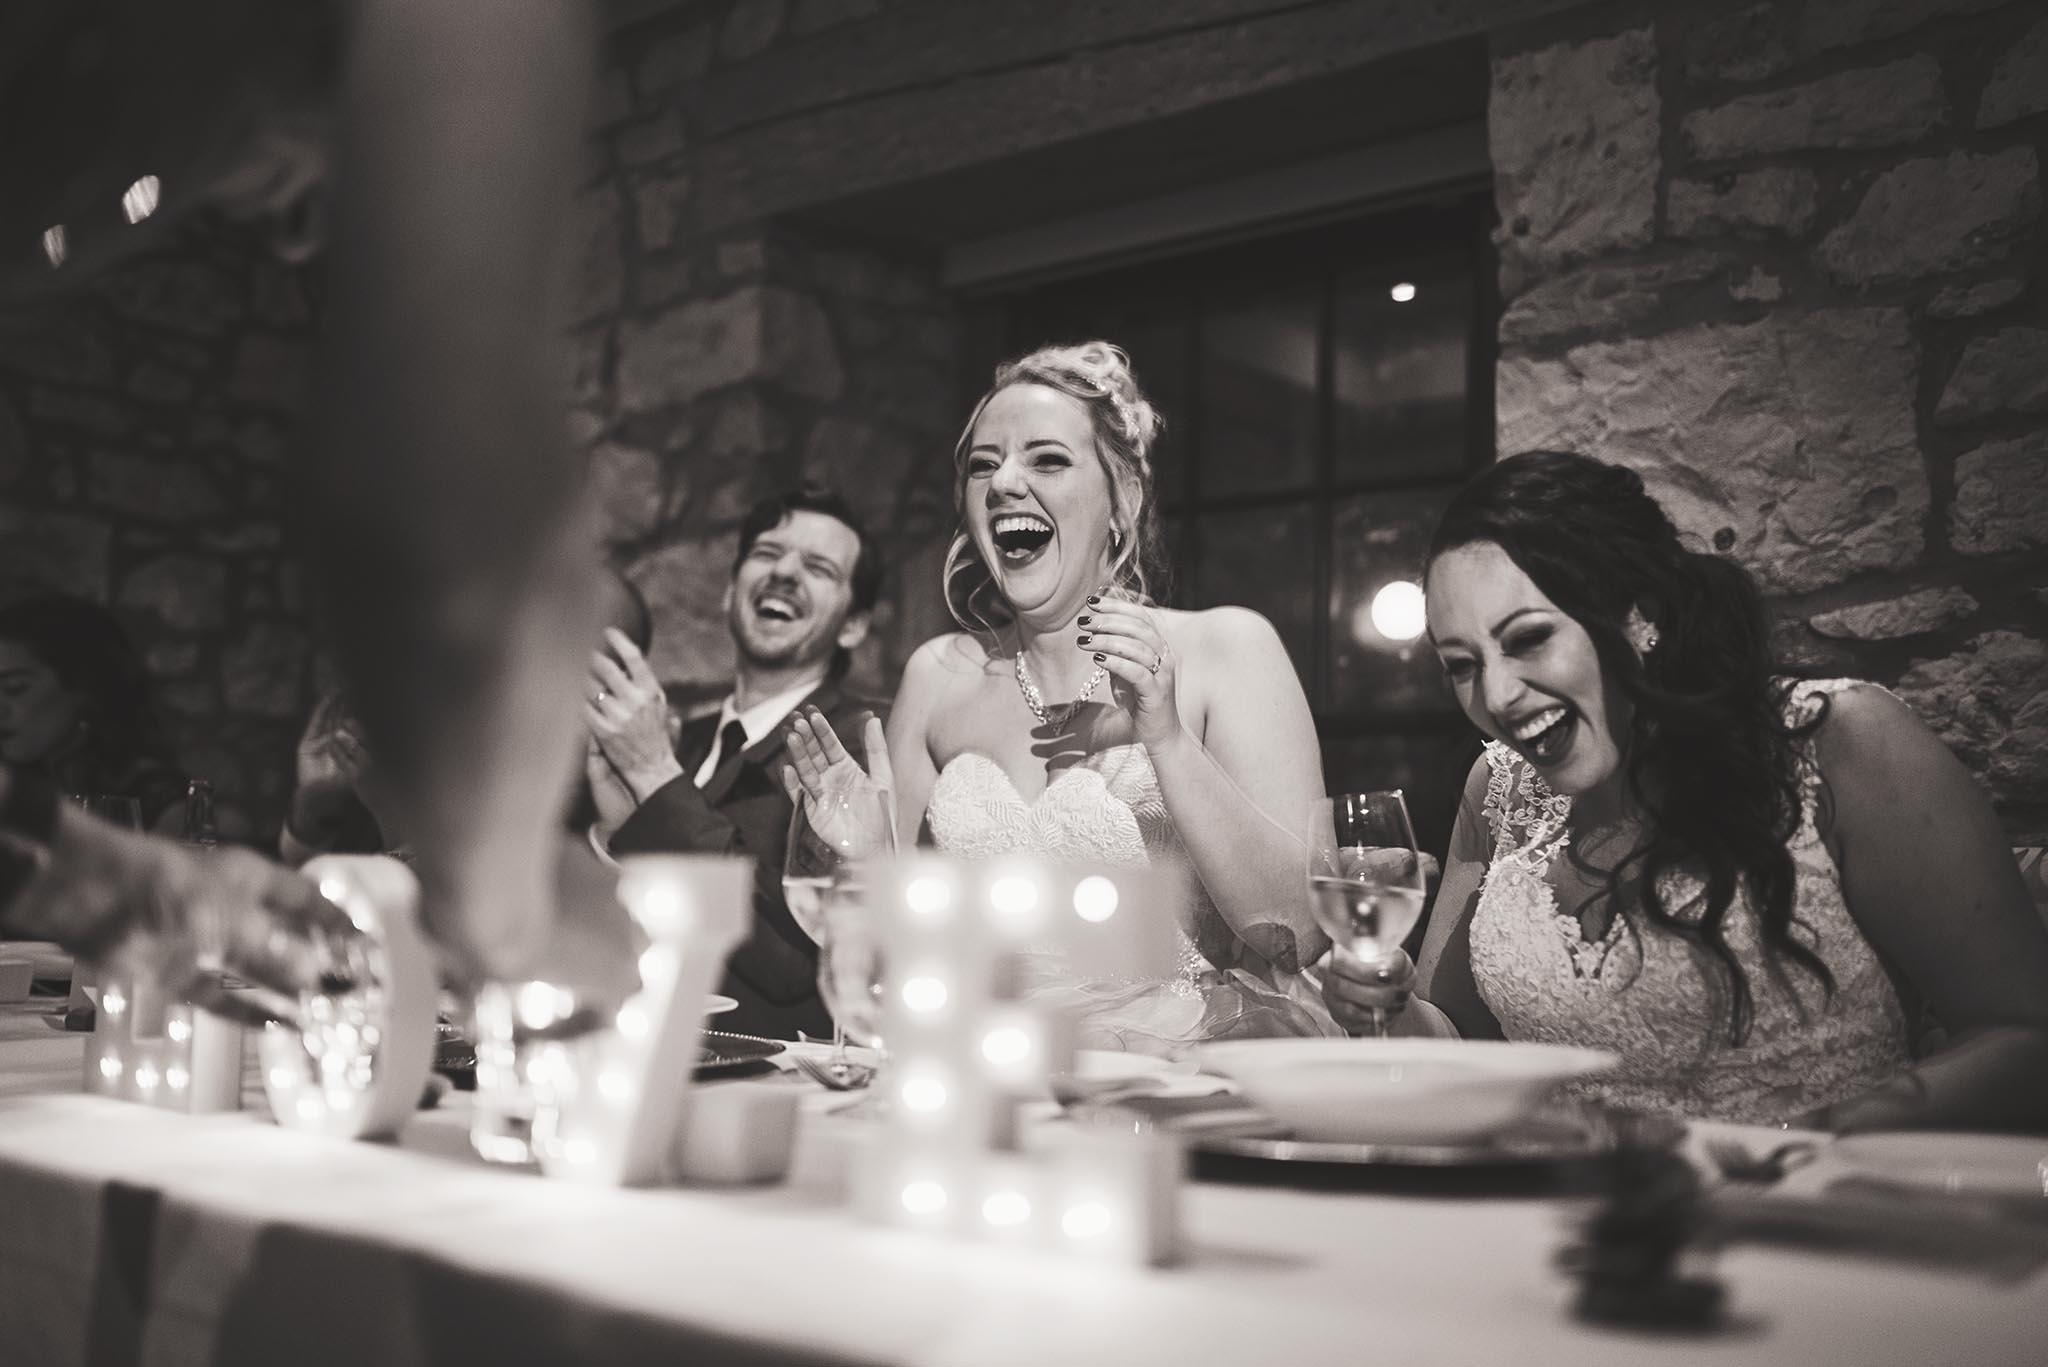 Peter-Bendevis-Photography-Kris-Laura-Cambridge-Mill-Winter-Wedding31